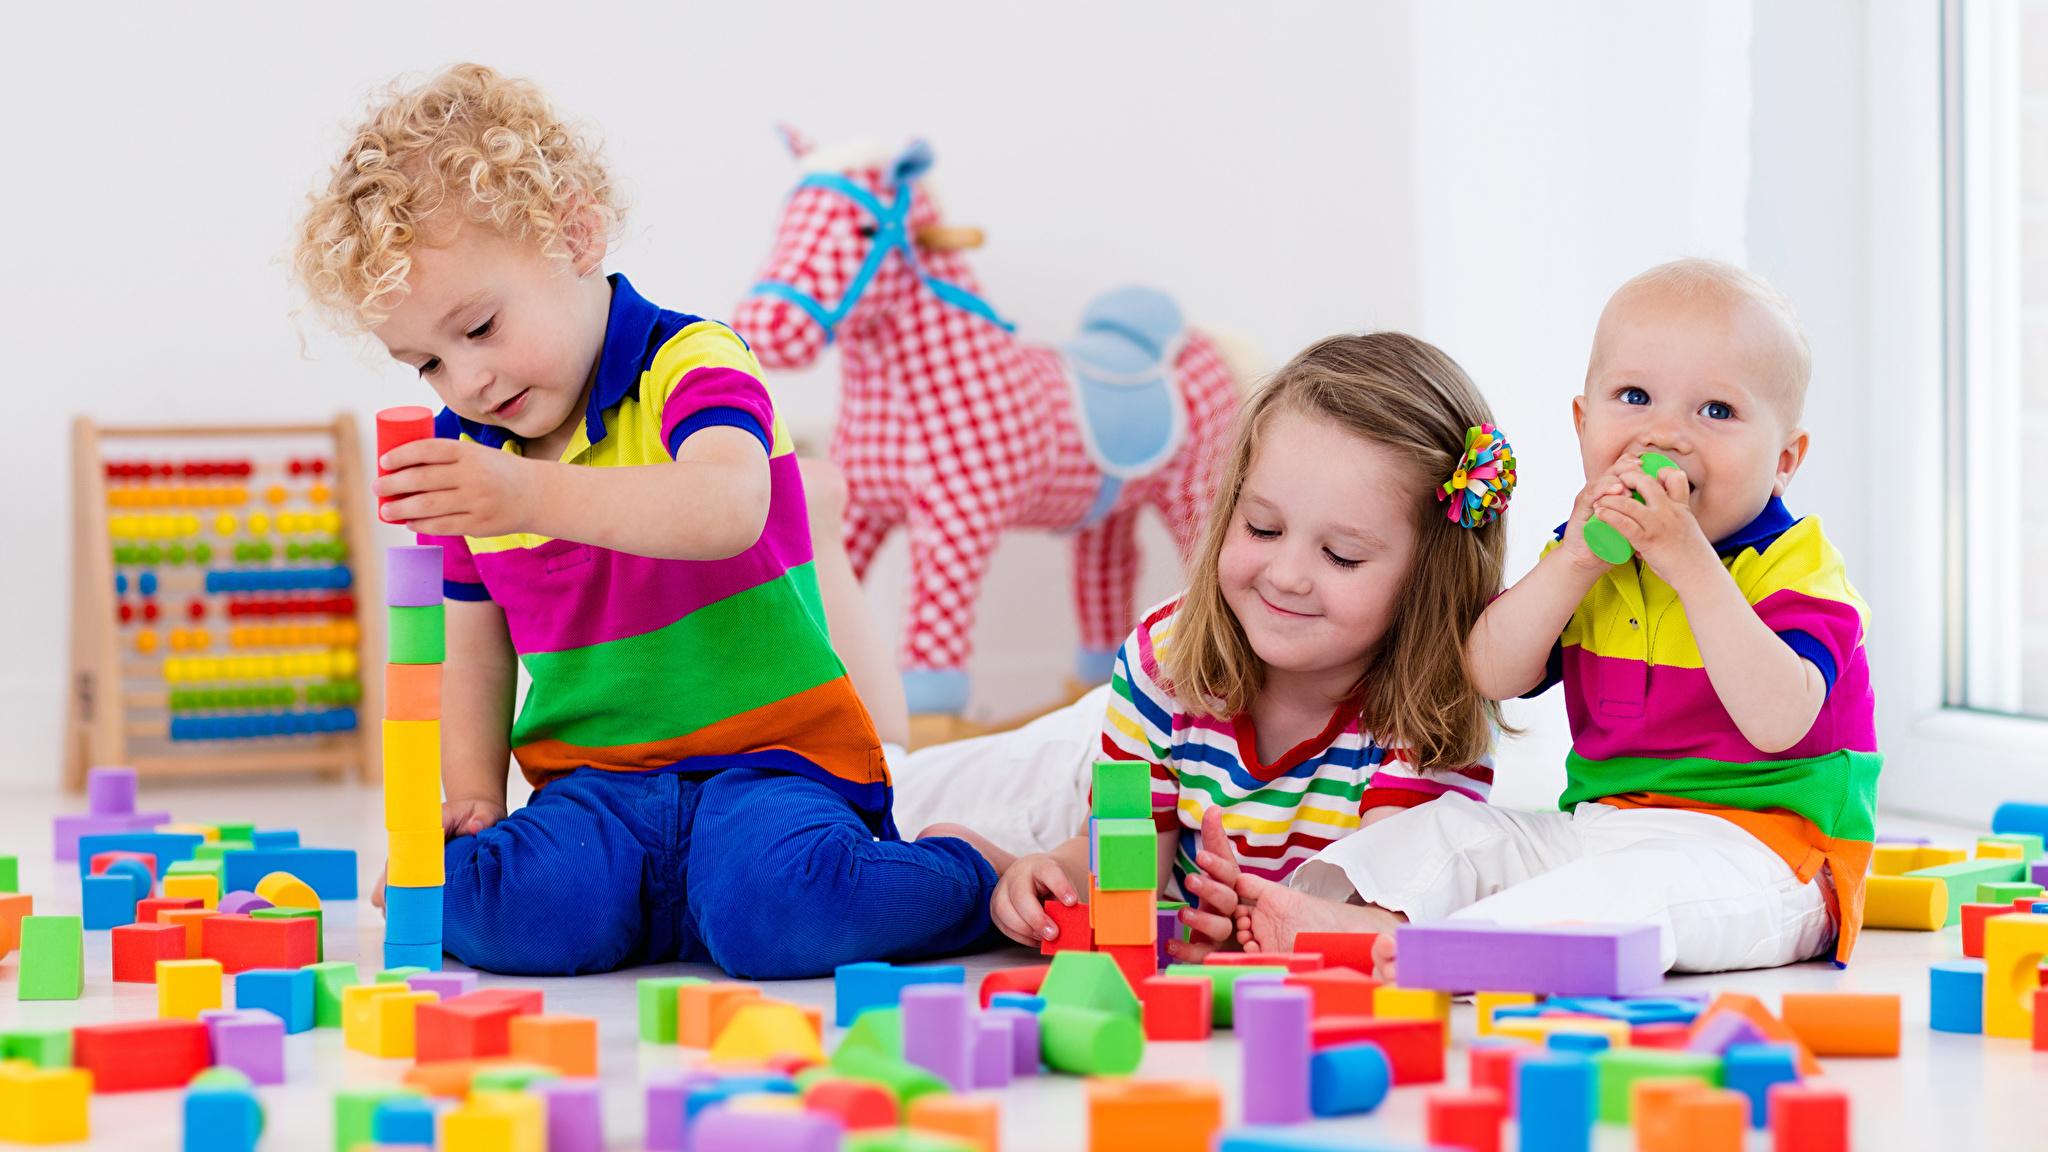 s Little girls Boys Infants Children Three 3 Toys 2048x1152